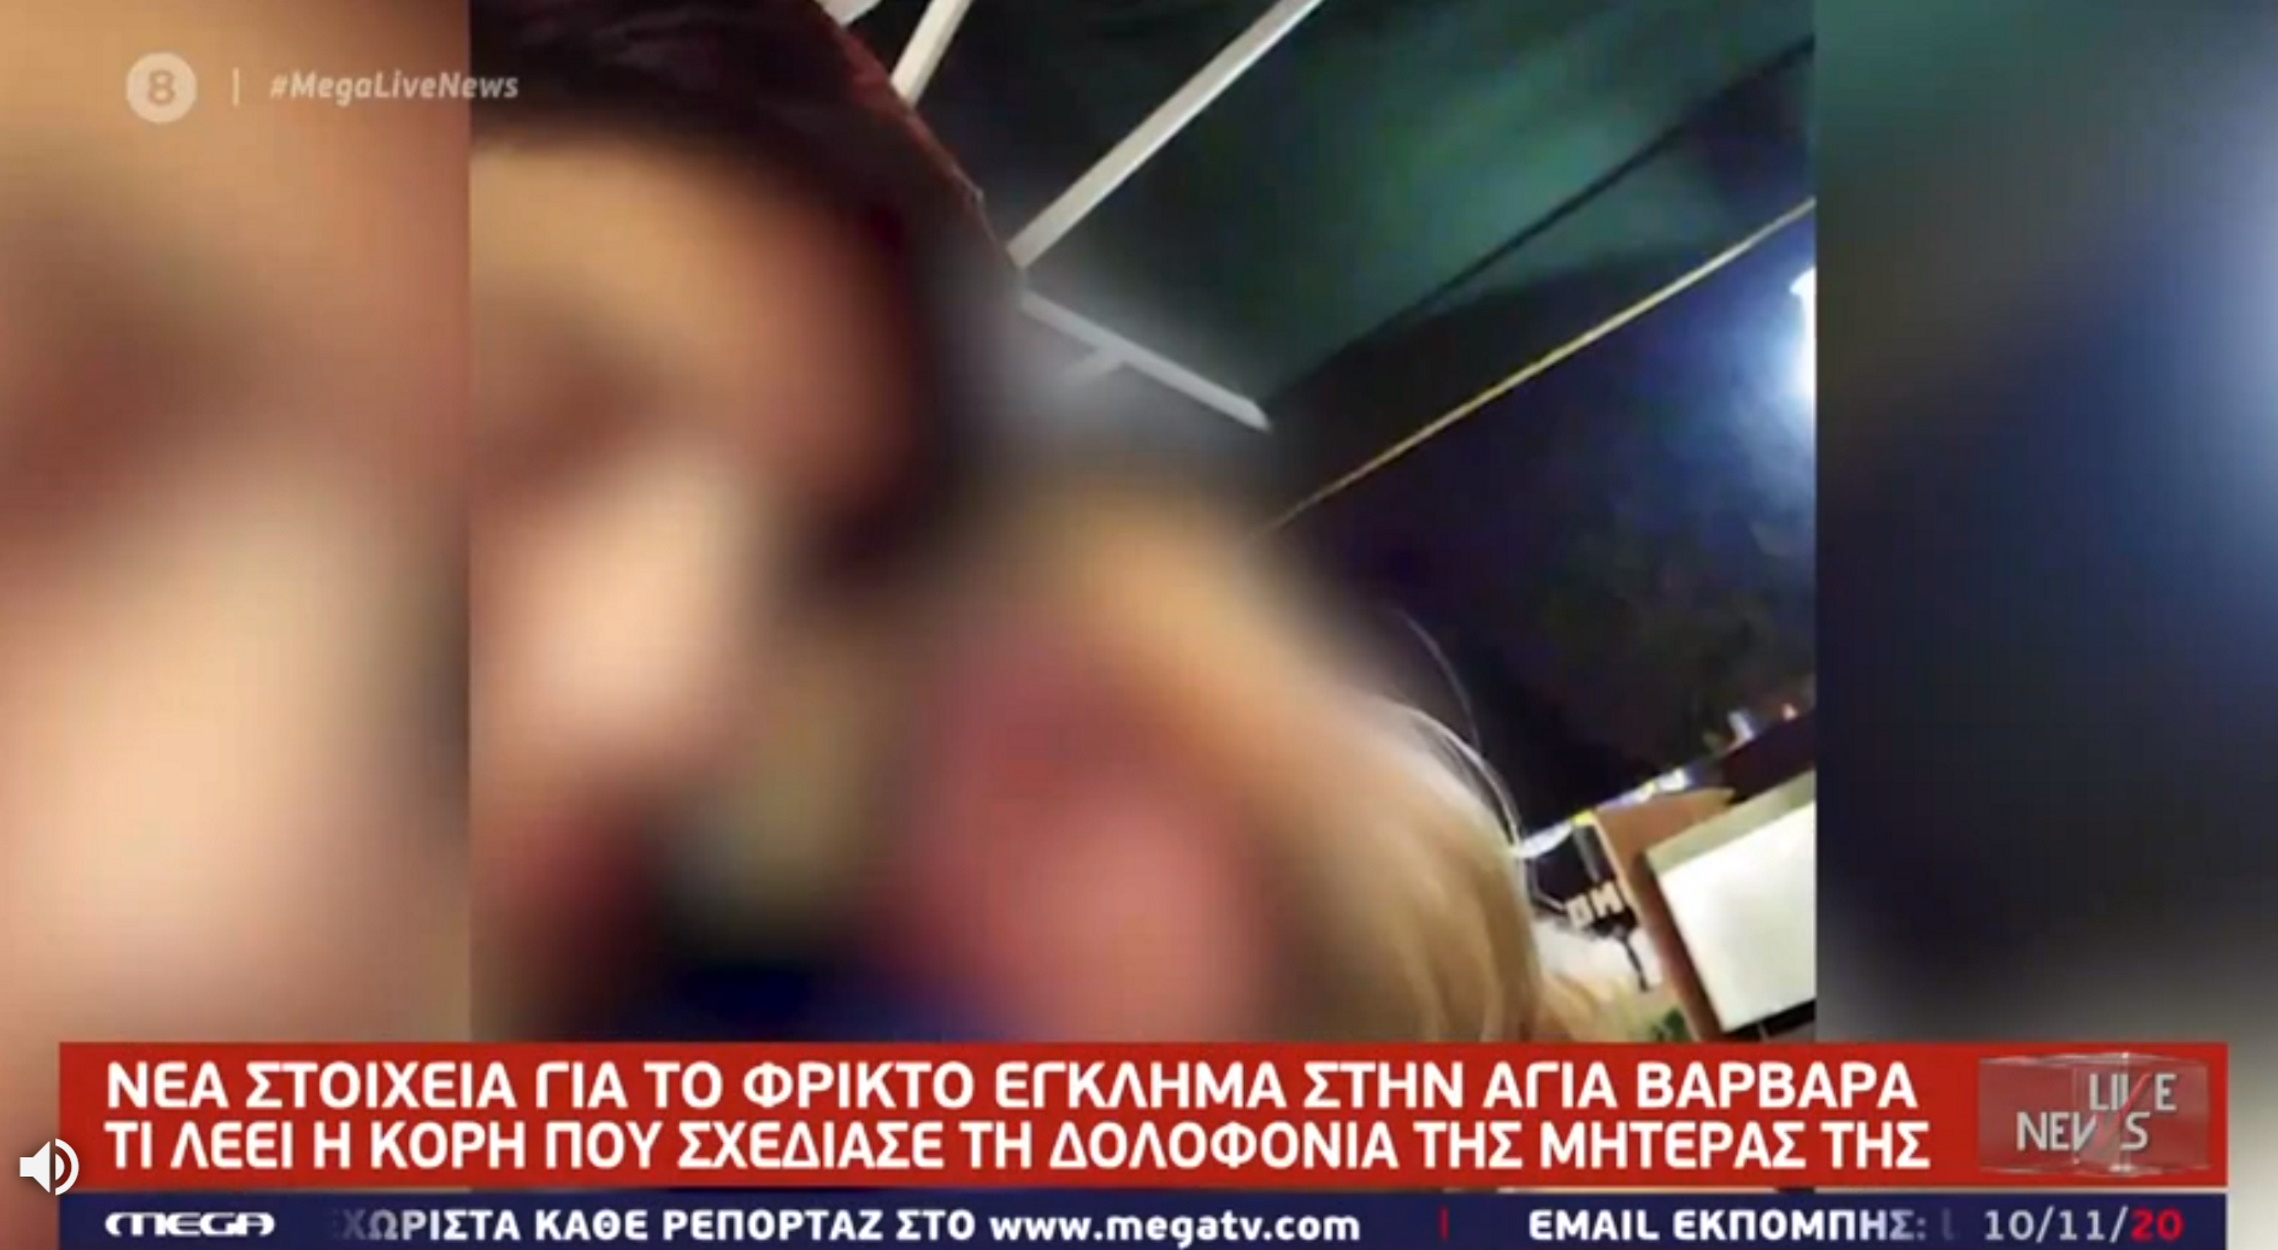 Αγία Βαρβάρα – Μητέρα 16χρονου στο Live News: Δεν το πιστεύω ότι σήκωσε μαχαίρι για να σκοτώσει (video)